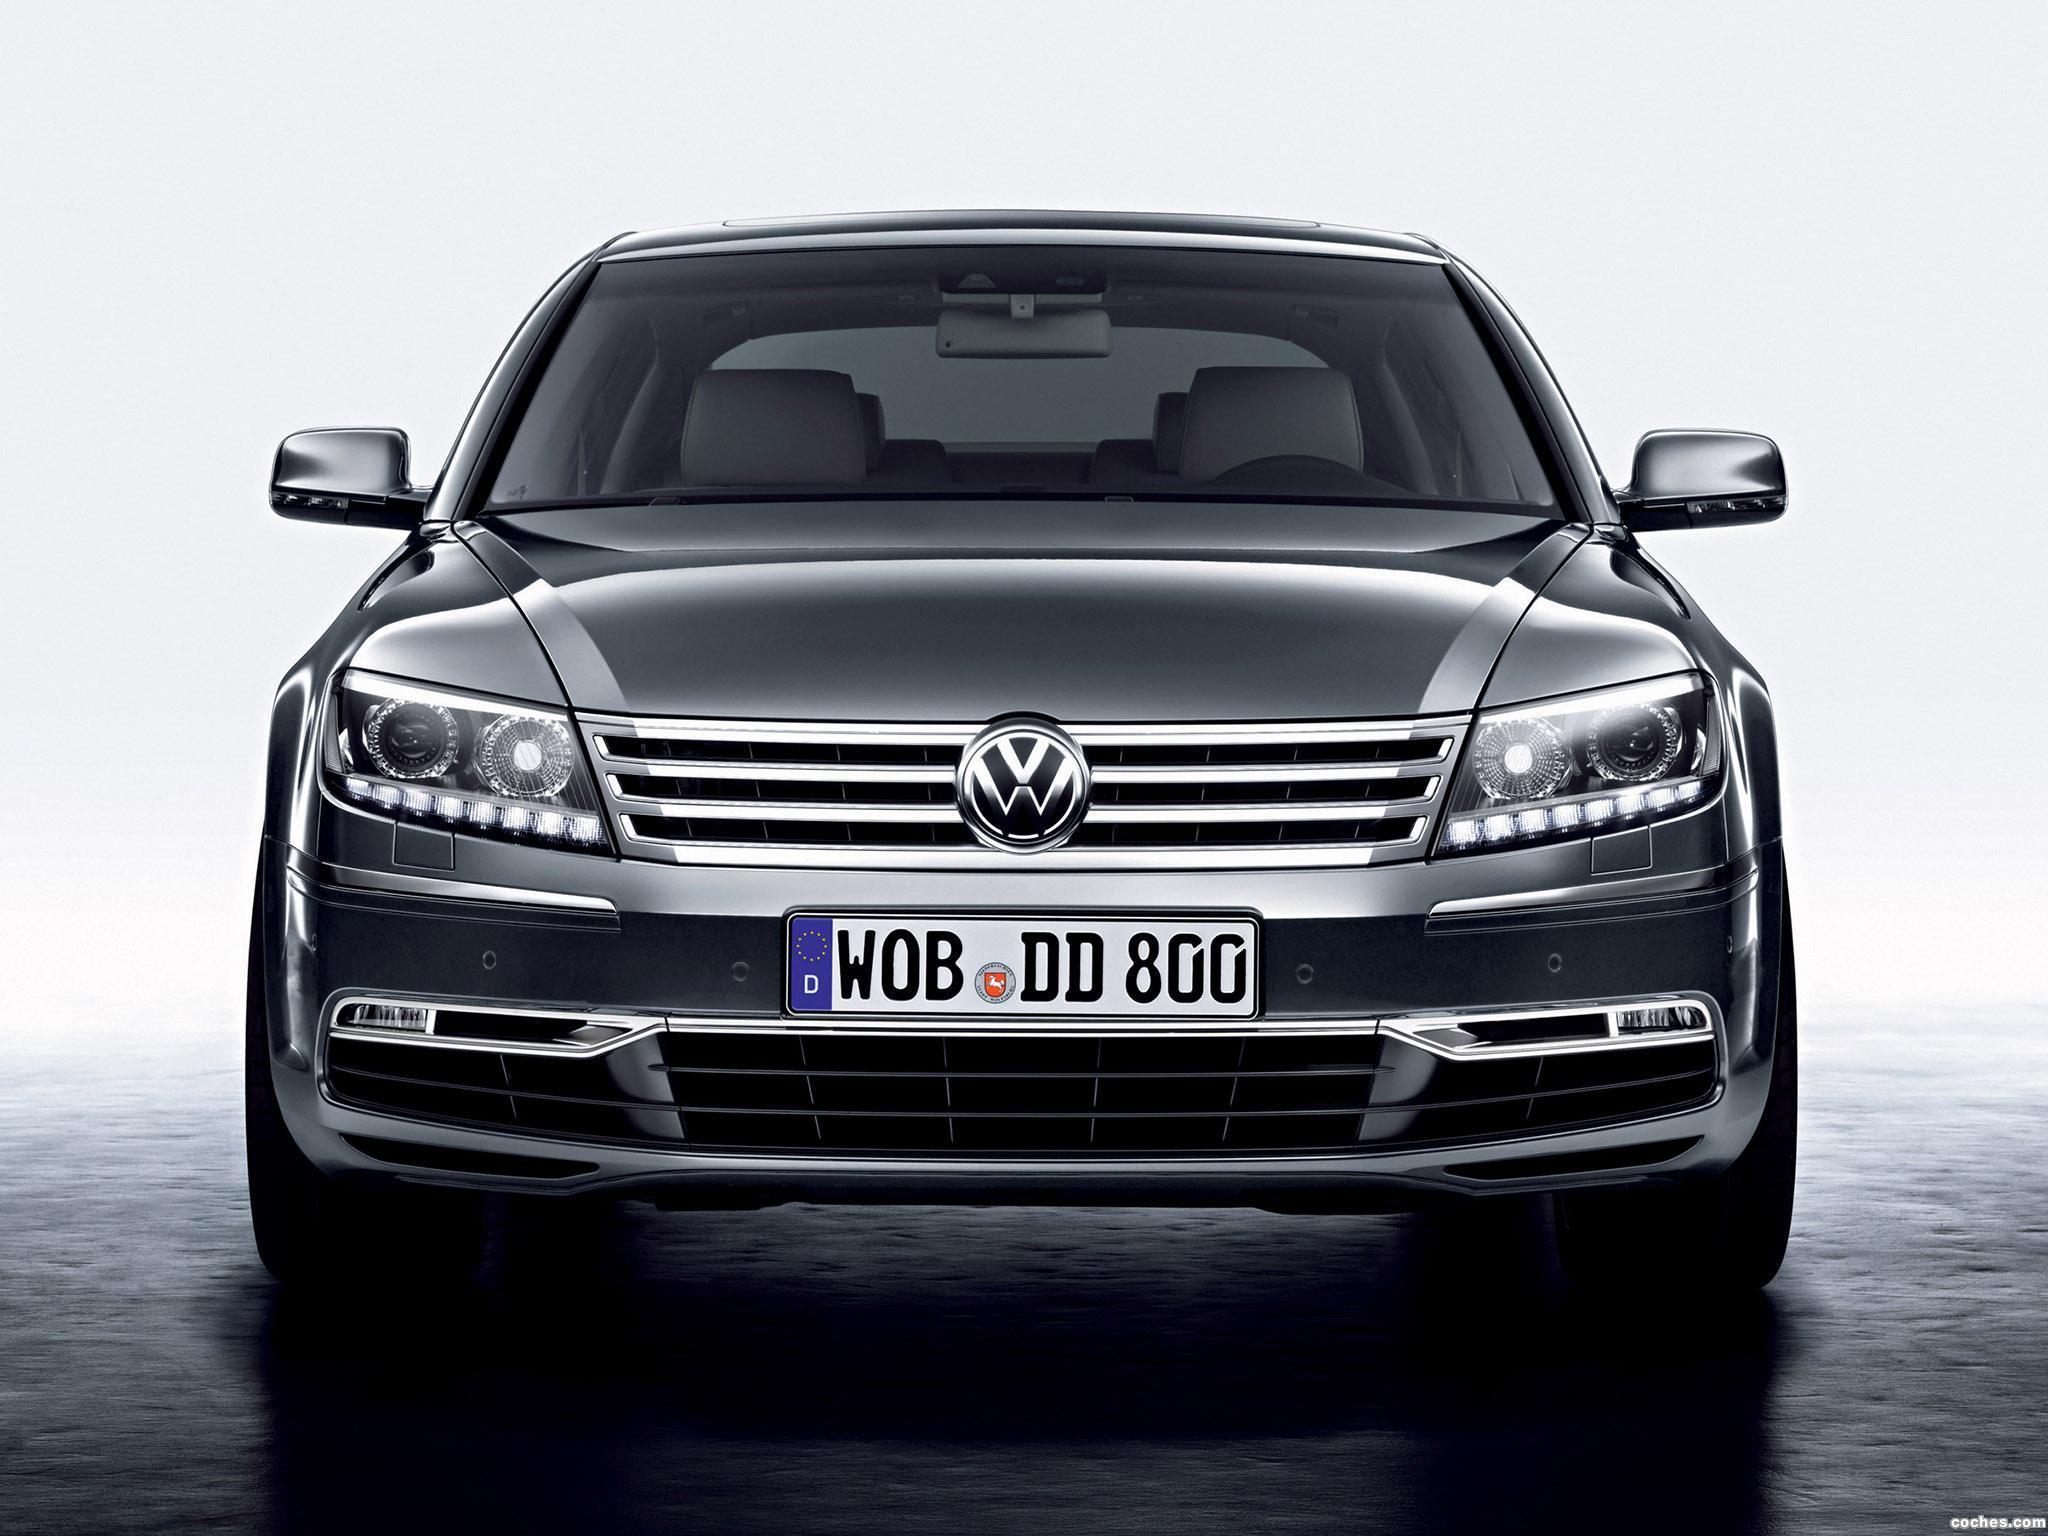 Foto 0 de Volkswagen Phaeton 2010